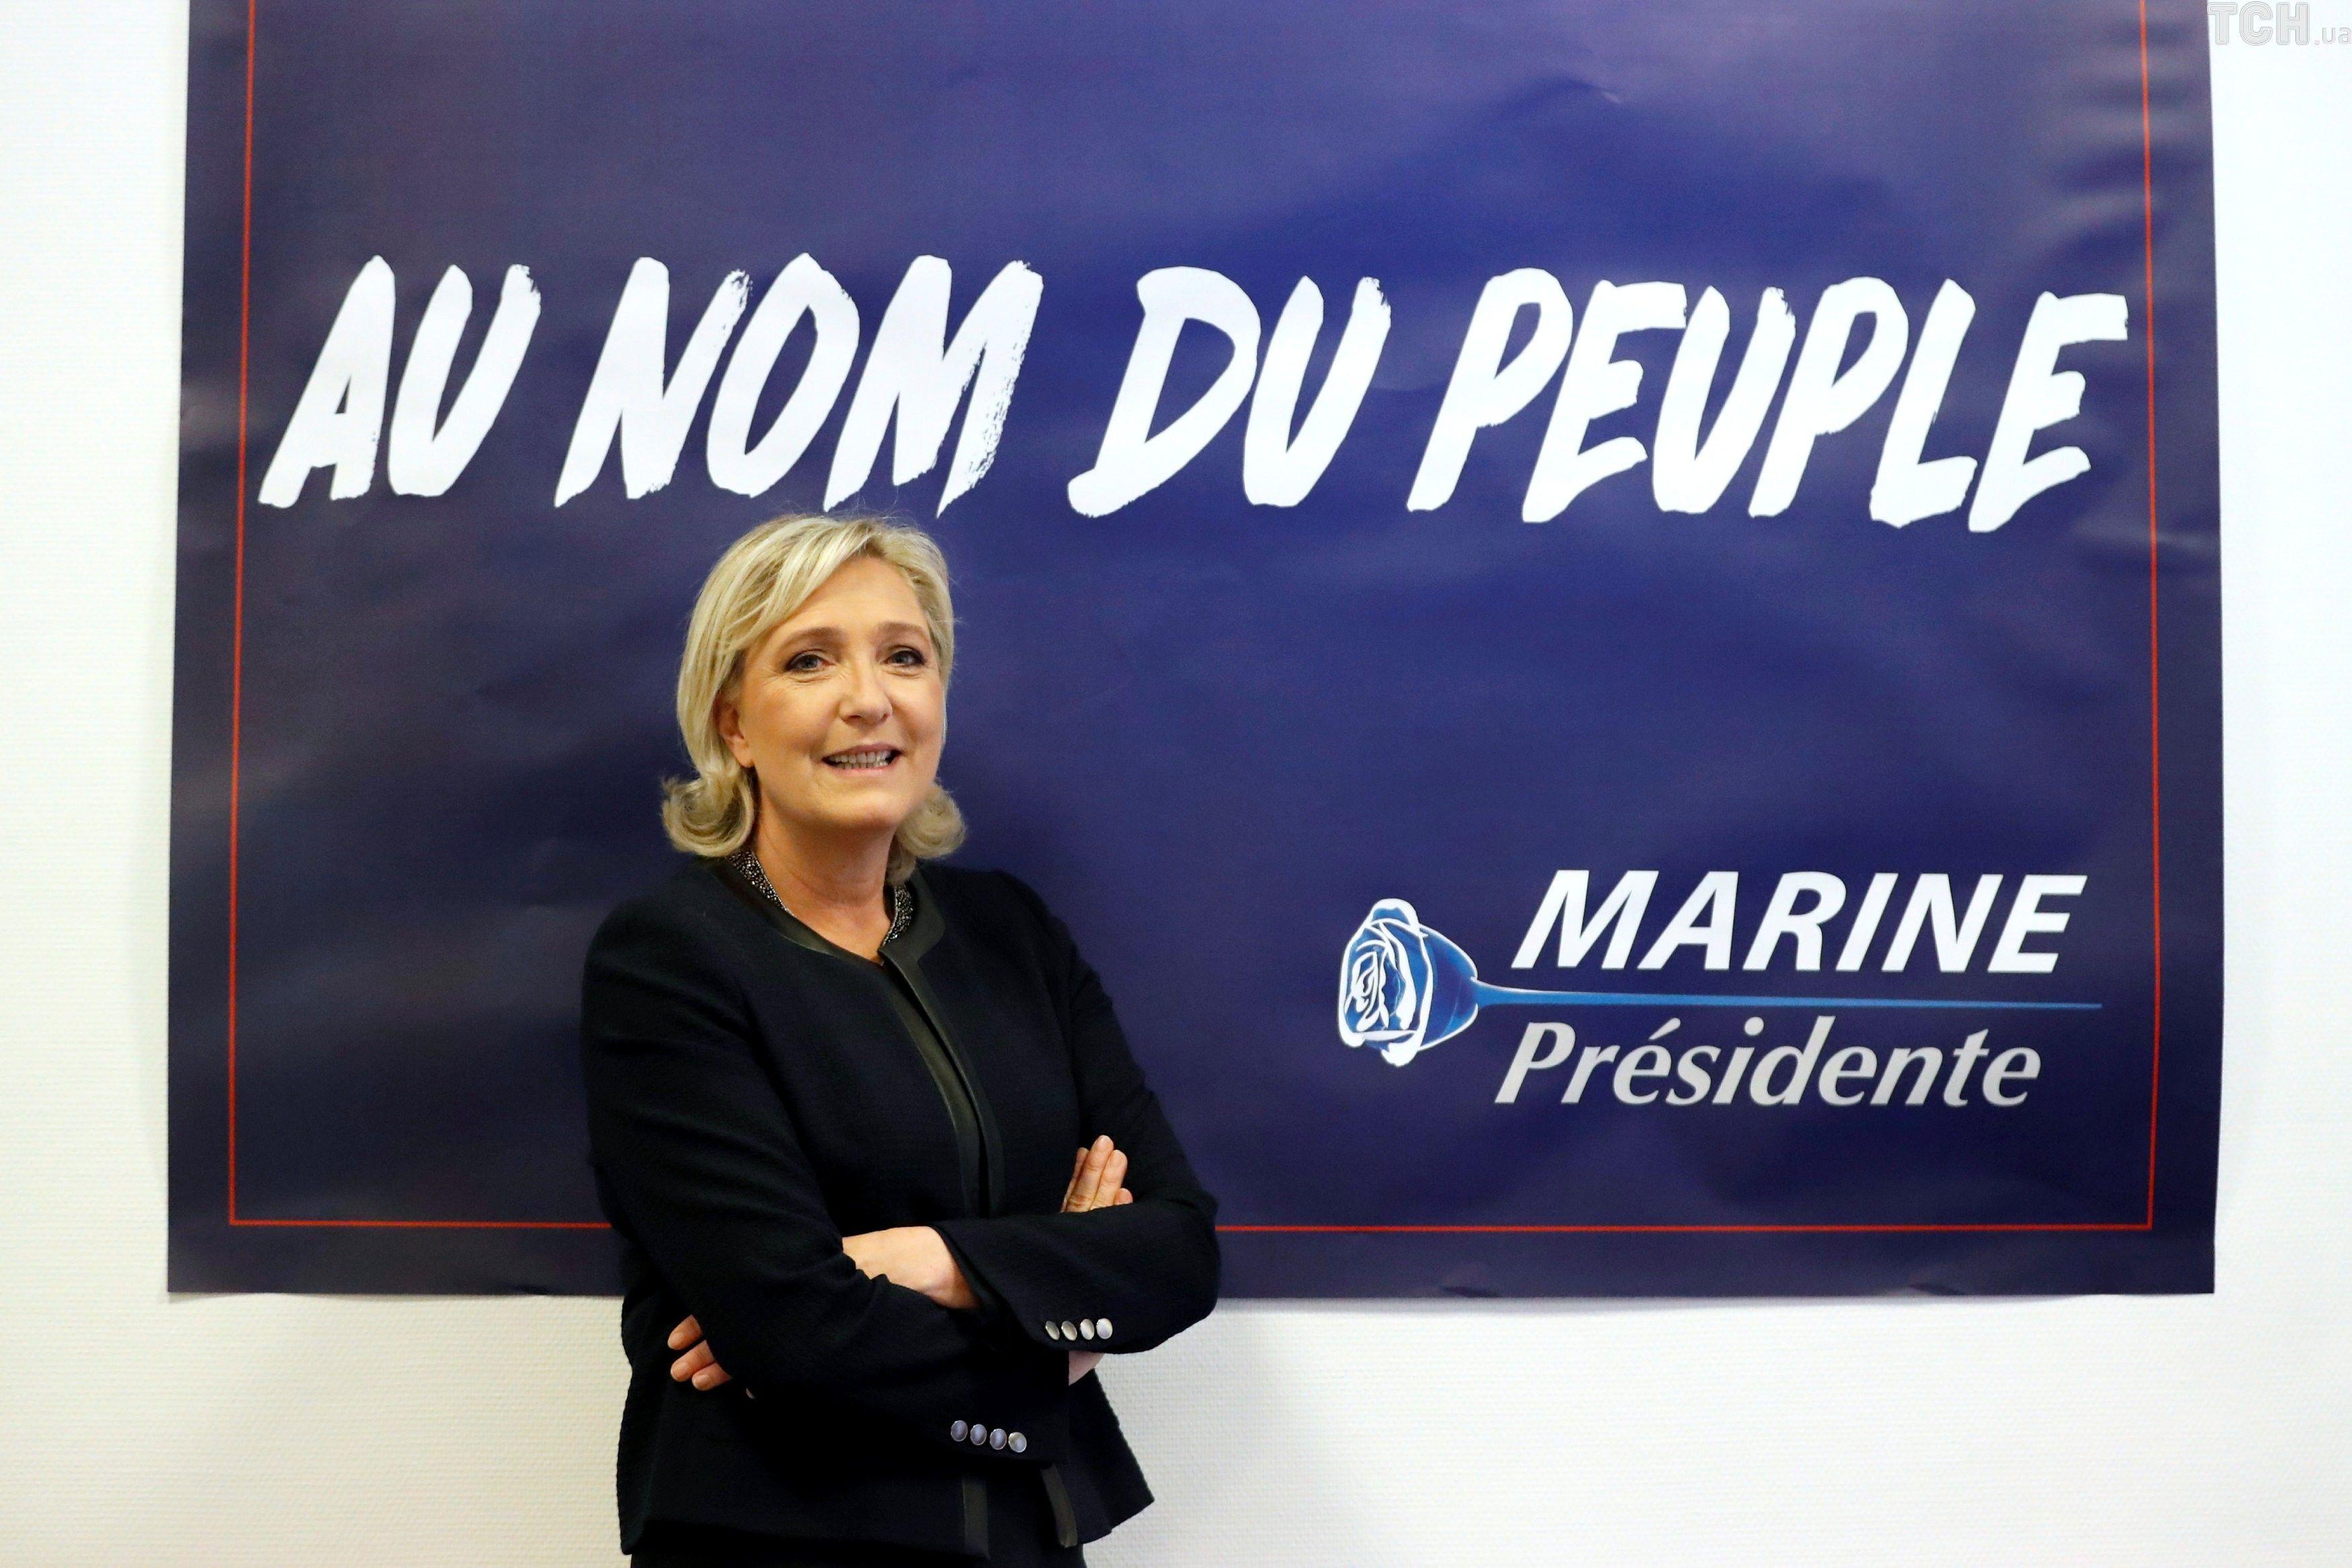 Марін Ле Пен